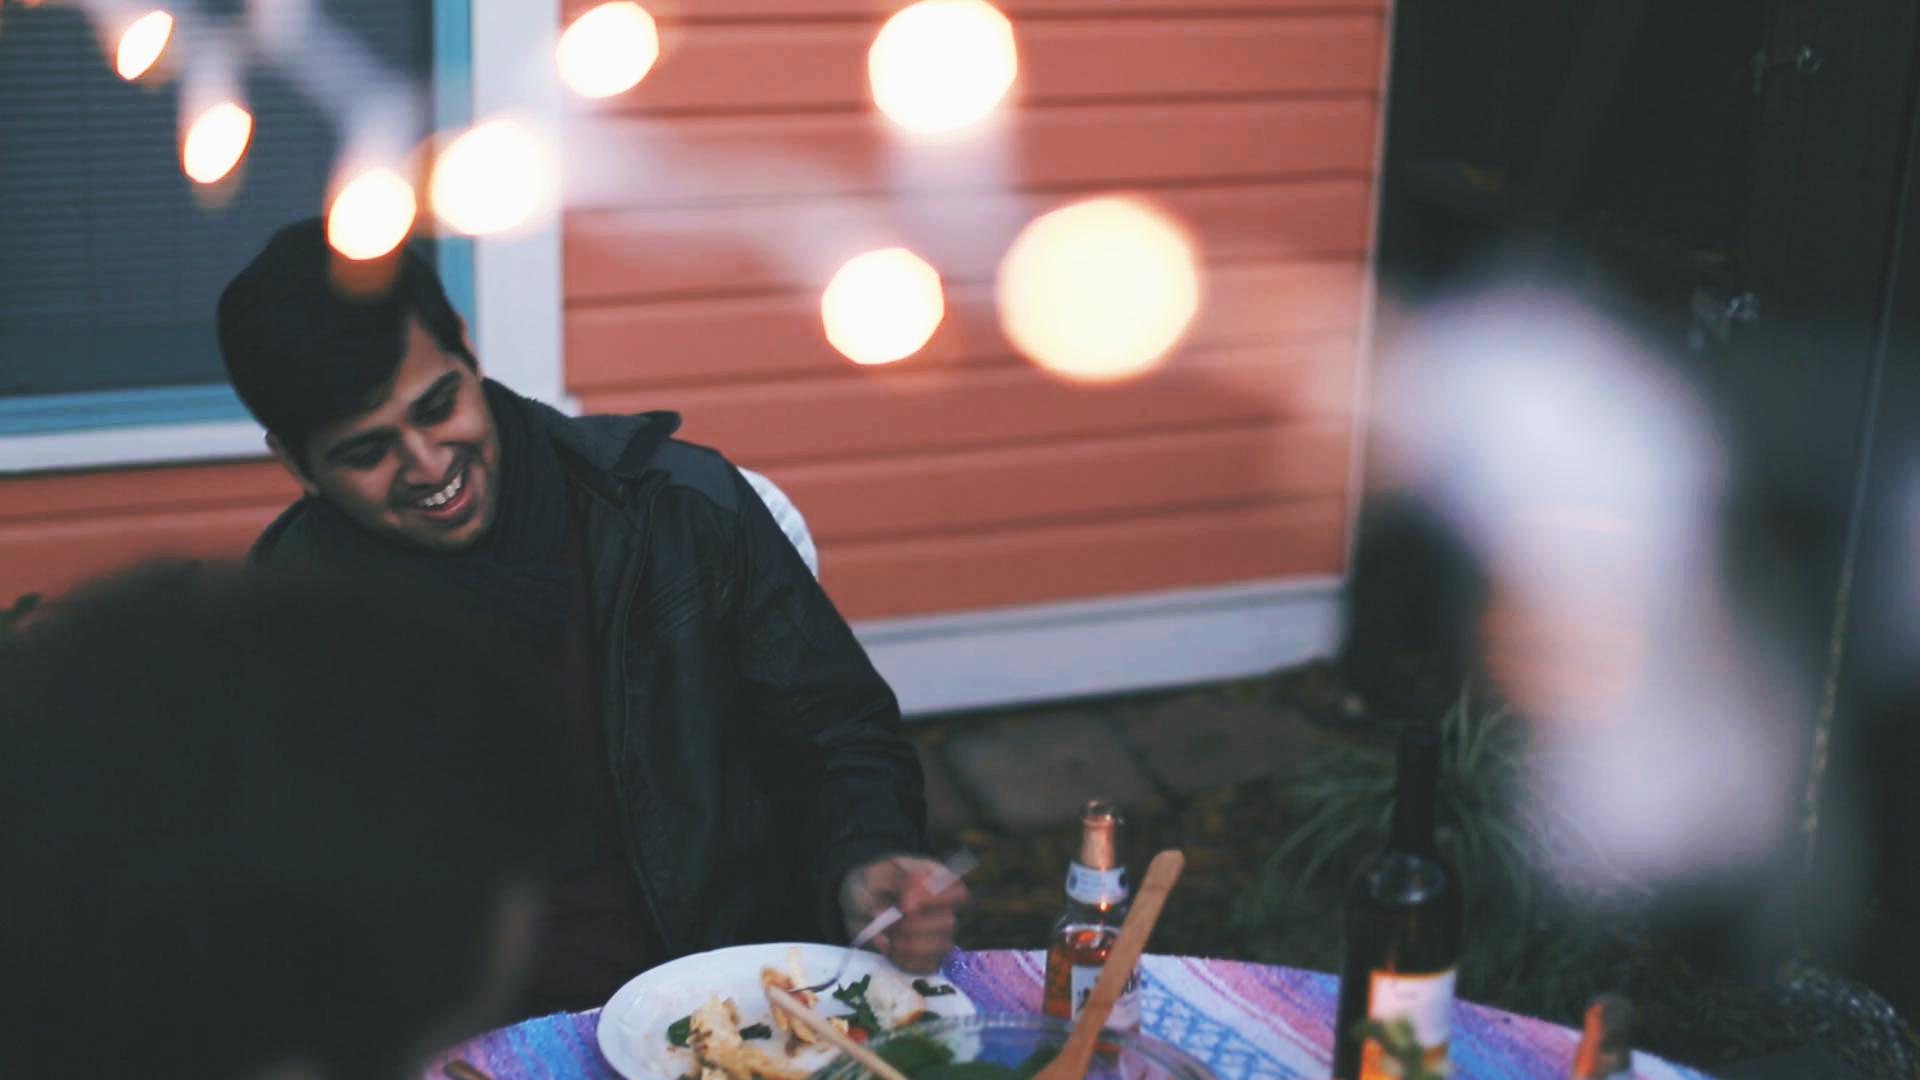 Dinner Party (Film Shoot)